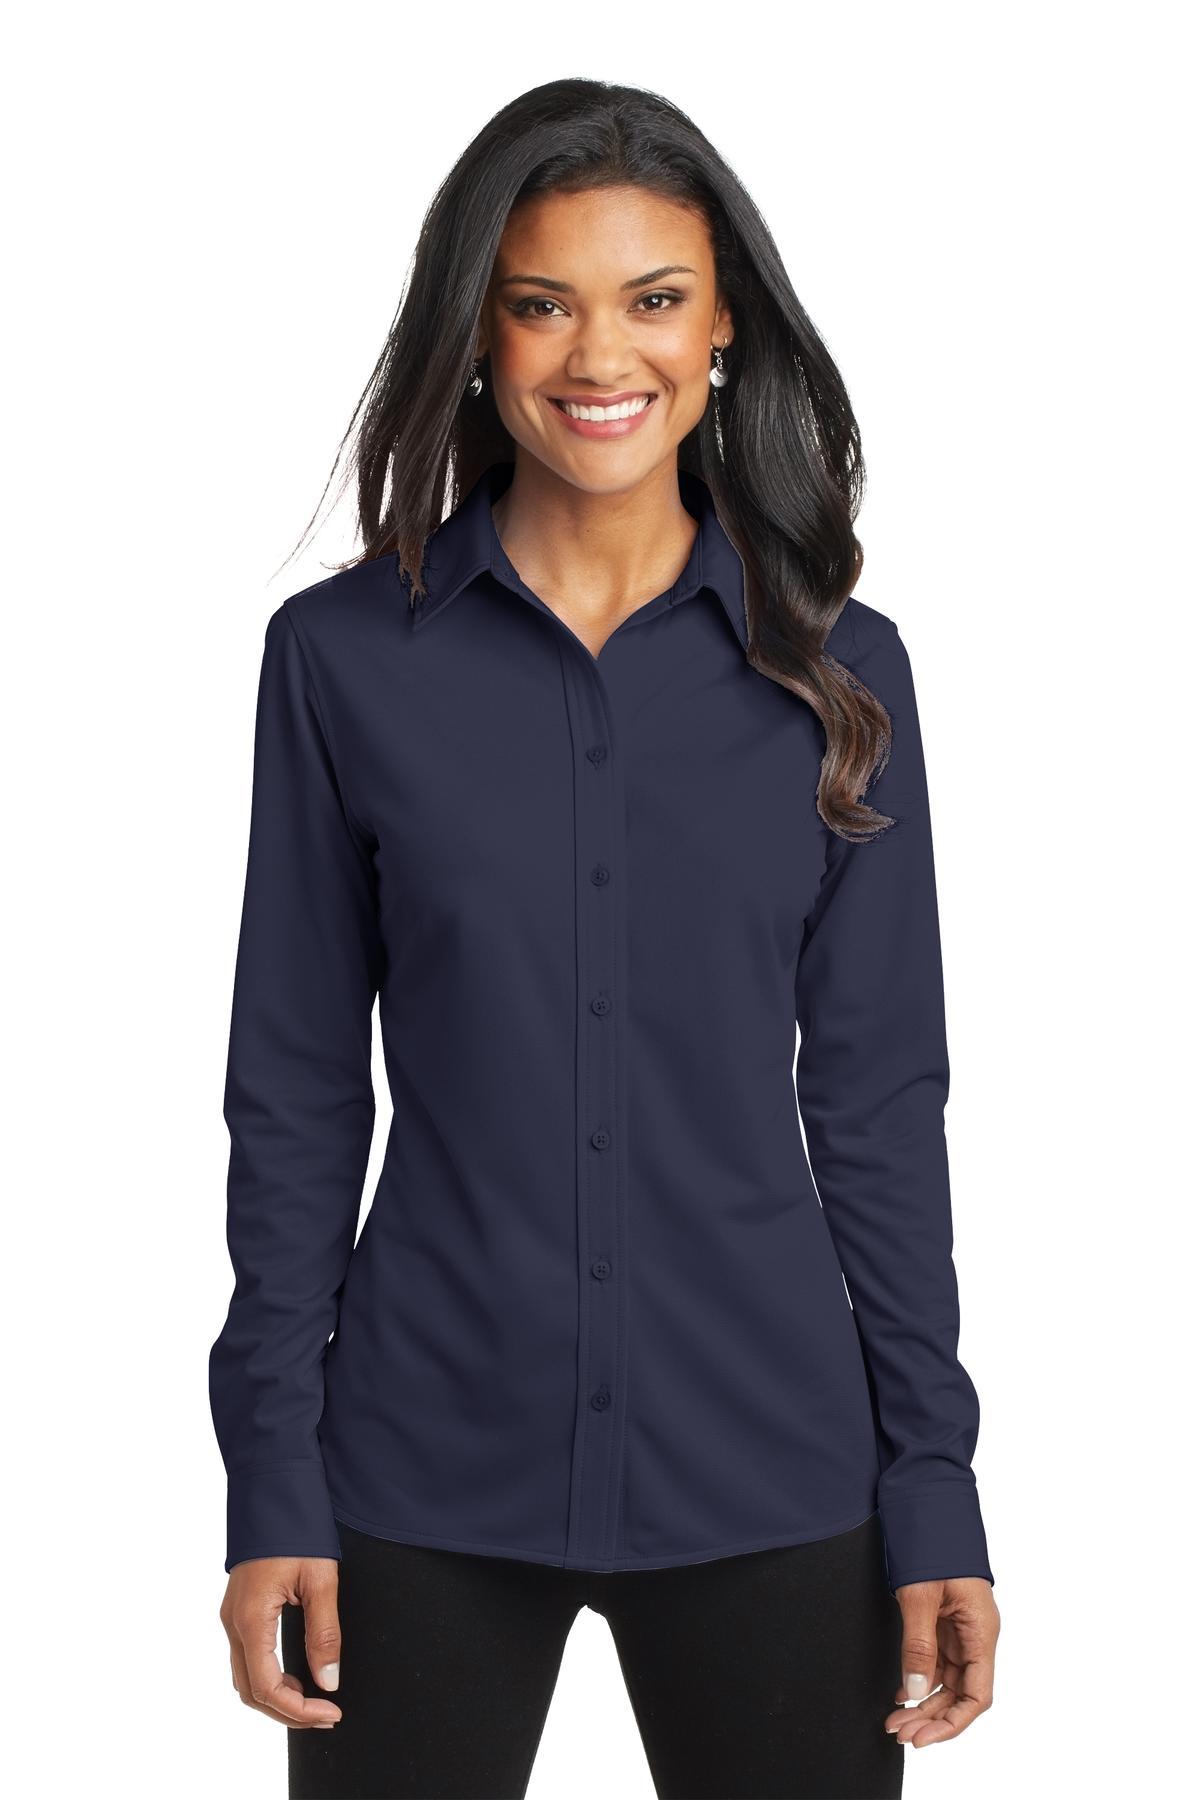 Port Authority® L570 - Ladies Dimension Knit Dress Shirt